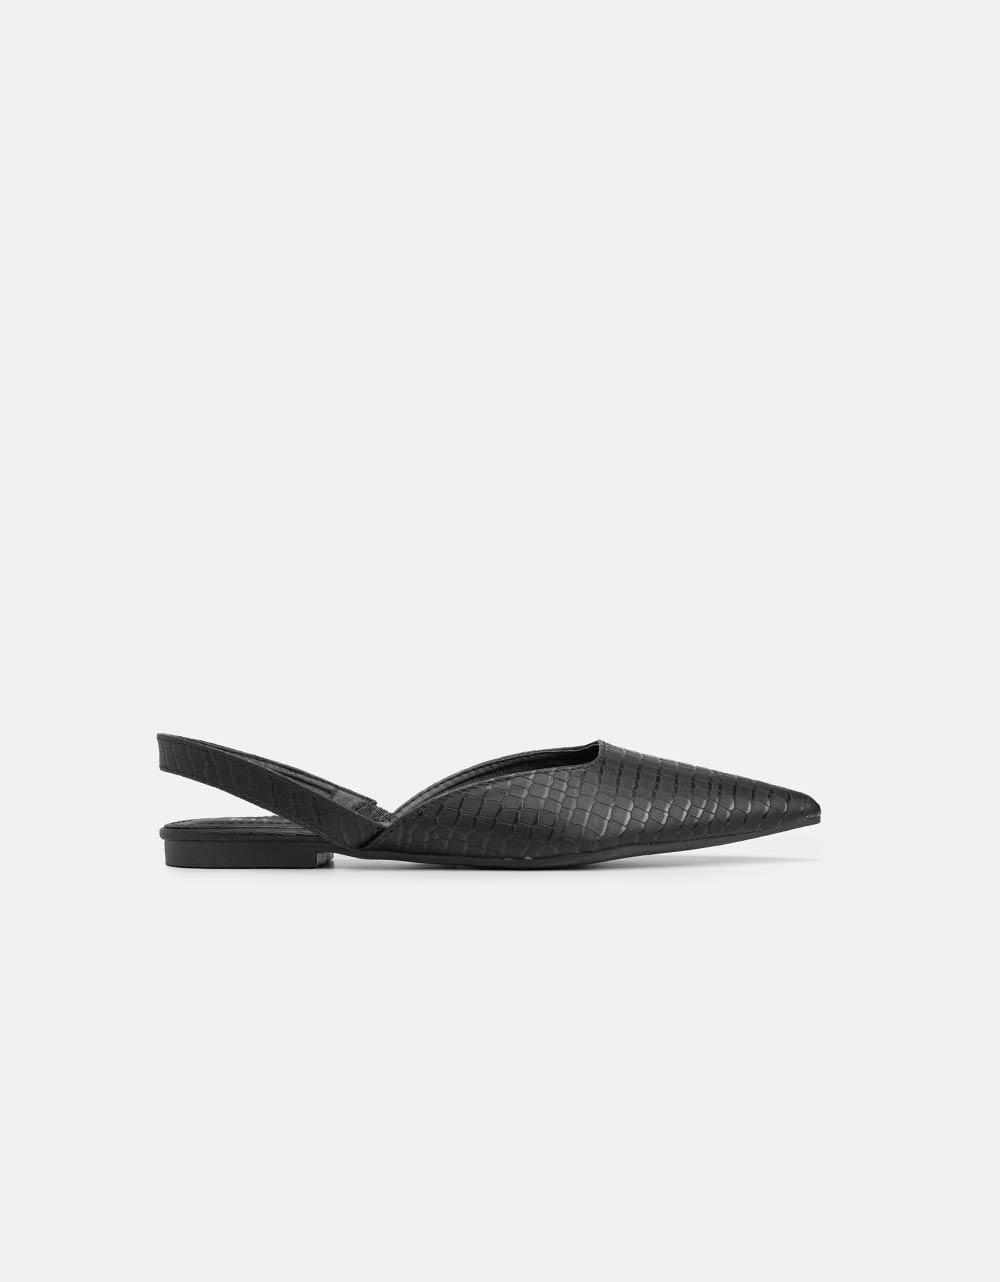 Εικόνα από Γυναικείες γόβες με χαμηλό τακούνι και κροκό μοτίβο Μαύρο